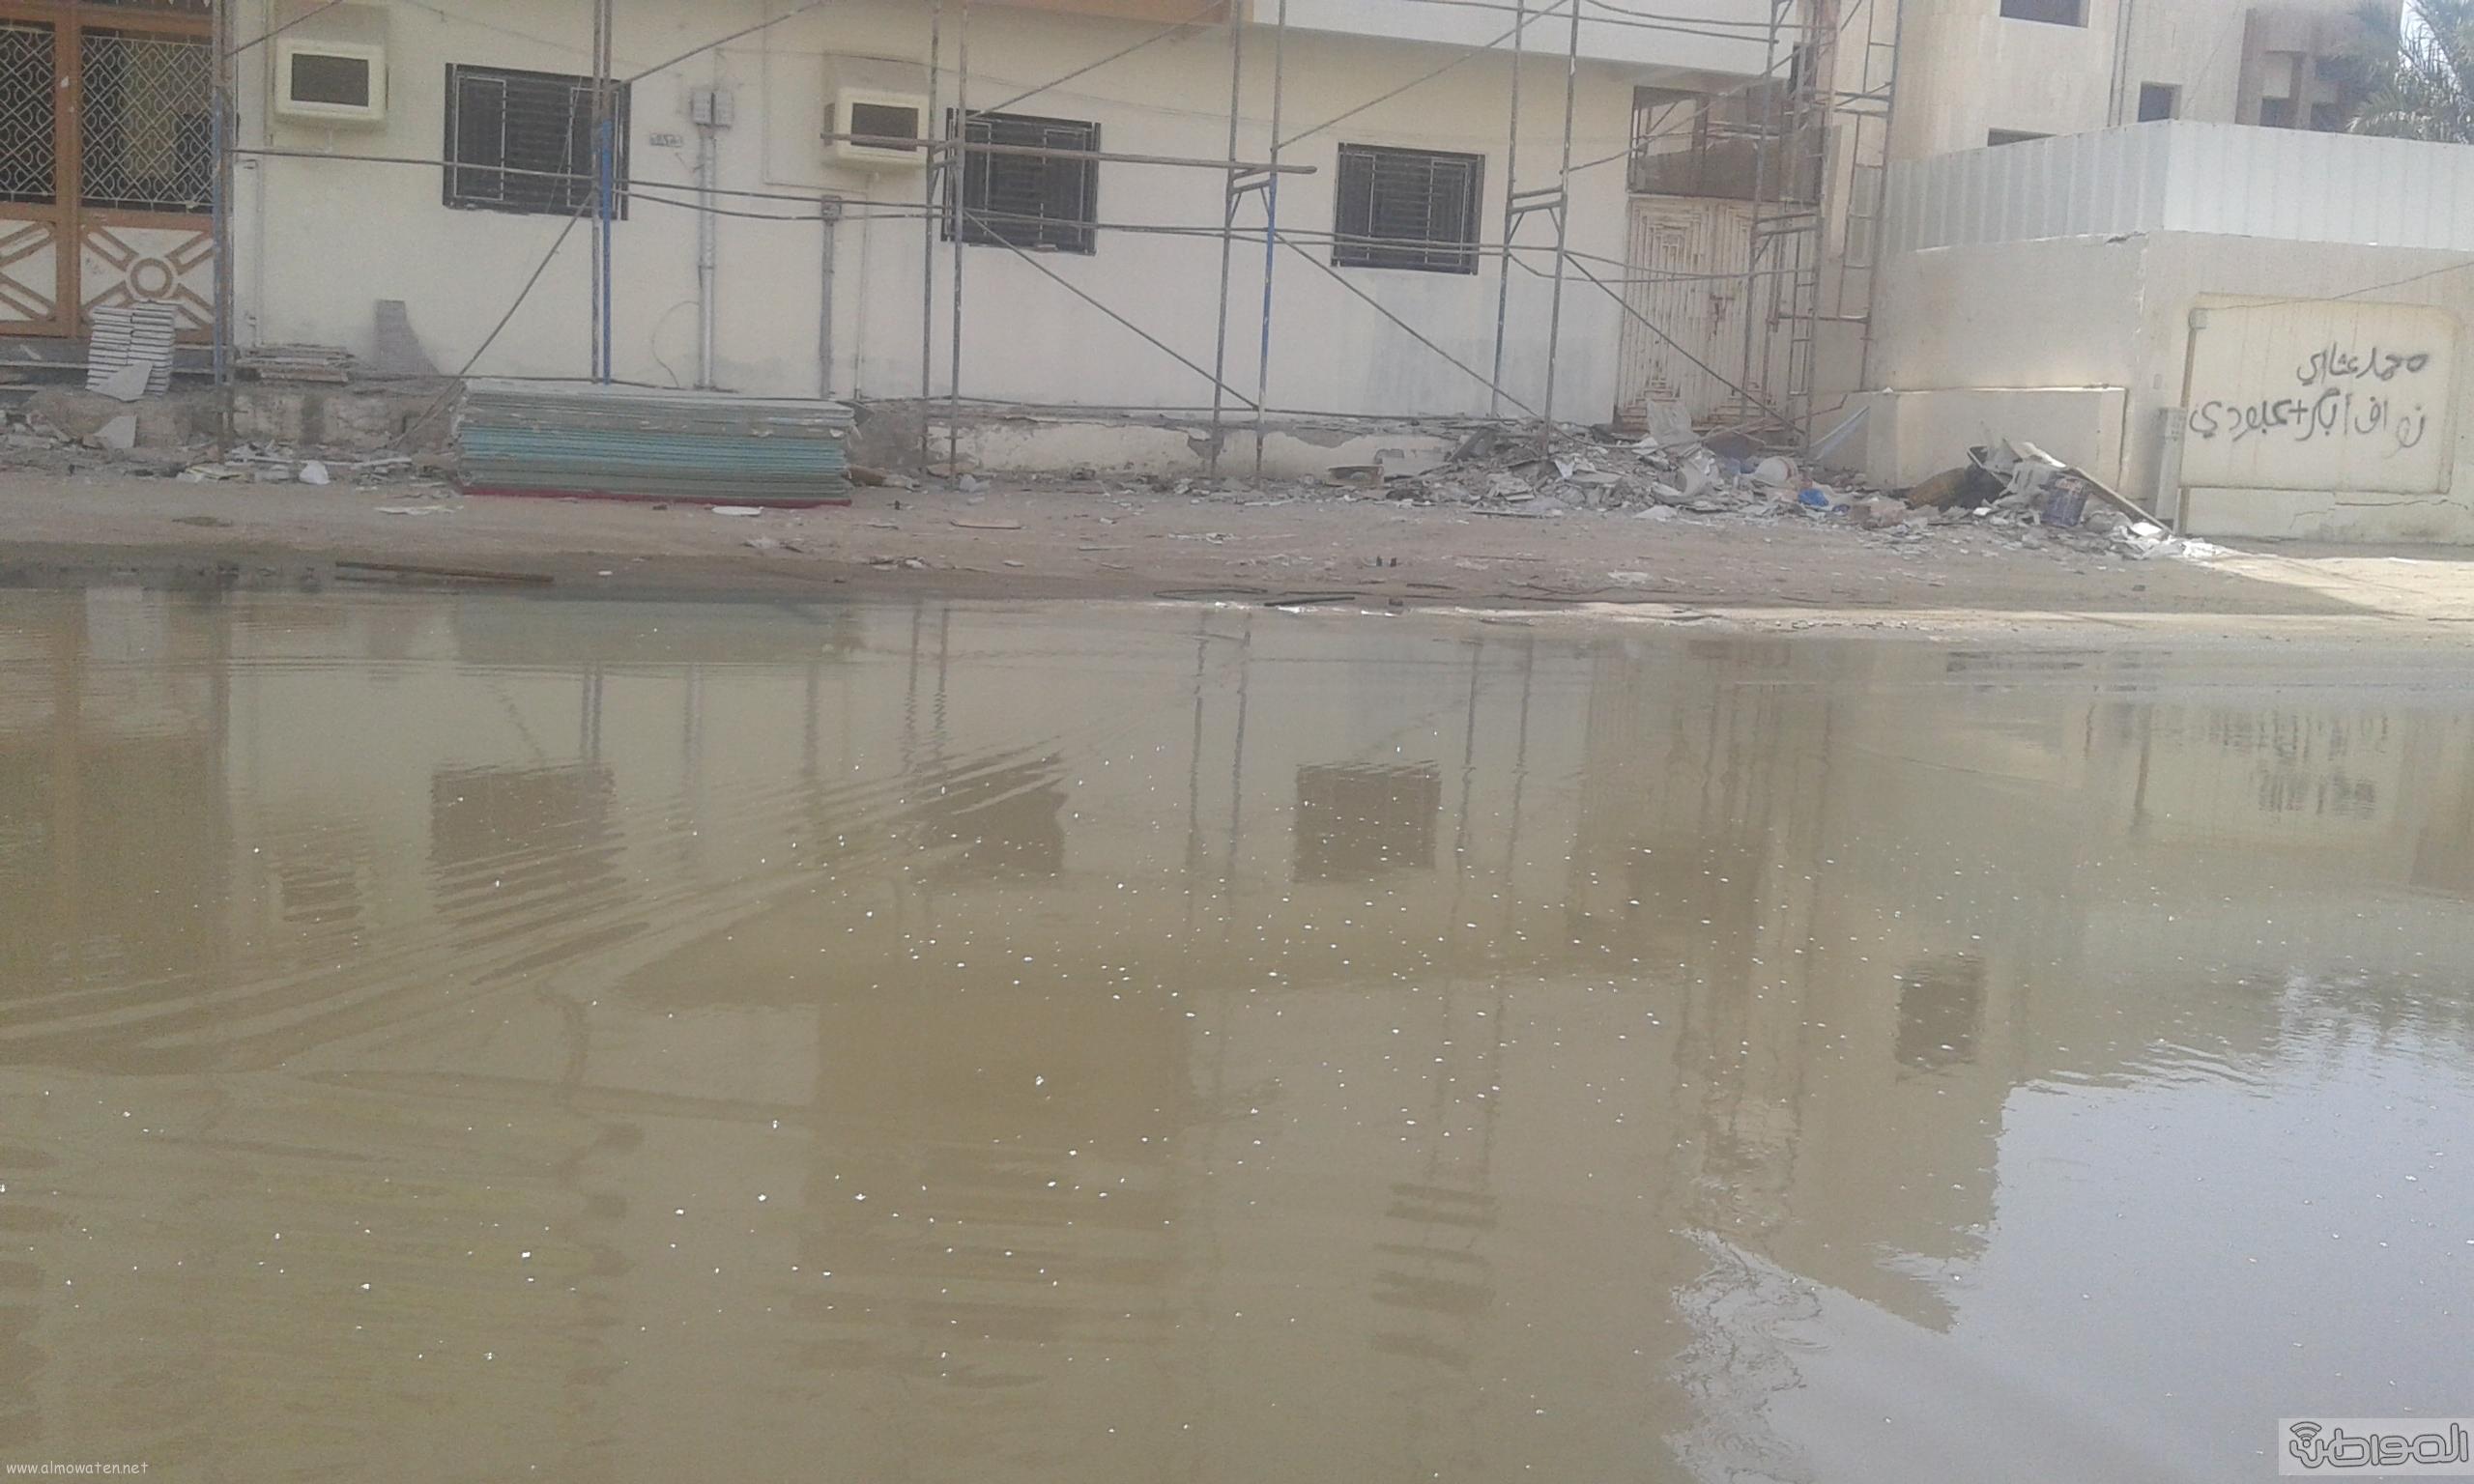 مياه الصرف الصحي تحاصر مسجد ومباني حكومية بروضة جازان (1)